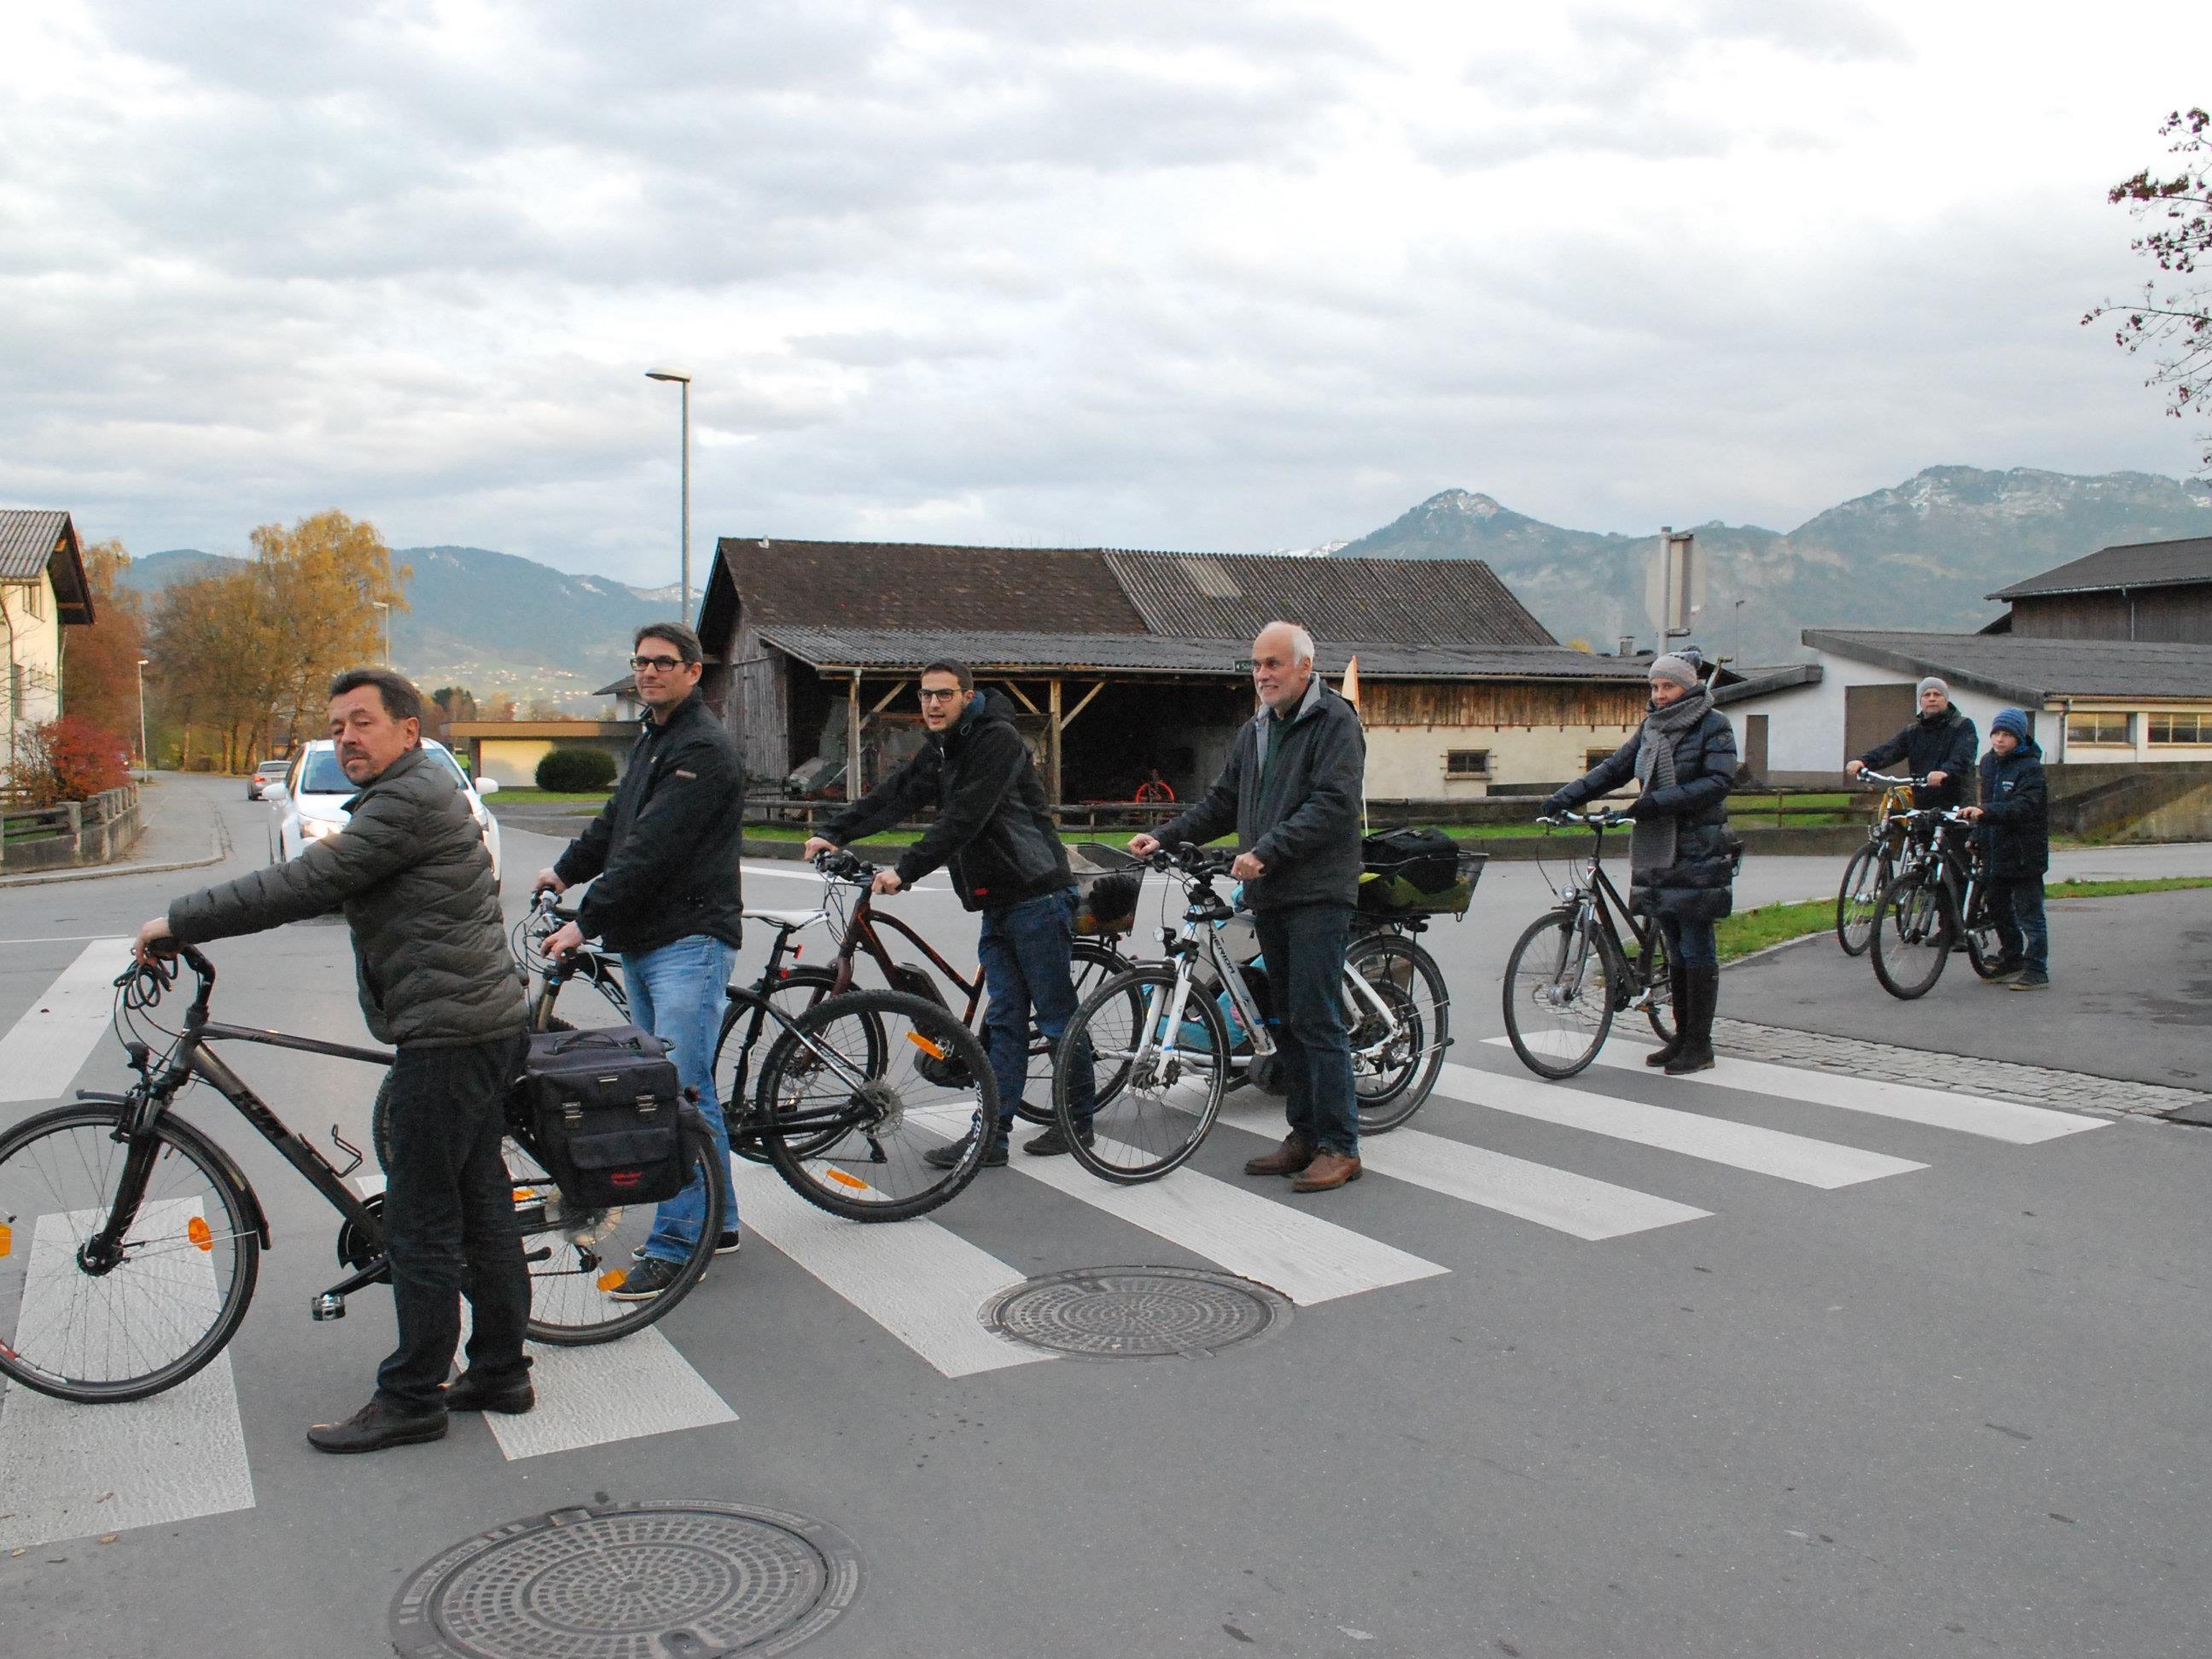 Wer sein Fahrrad liebt ... schiebt normalerweise nicht.